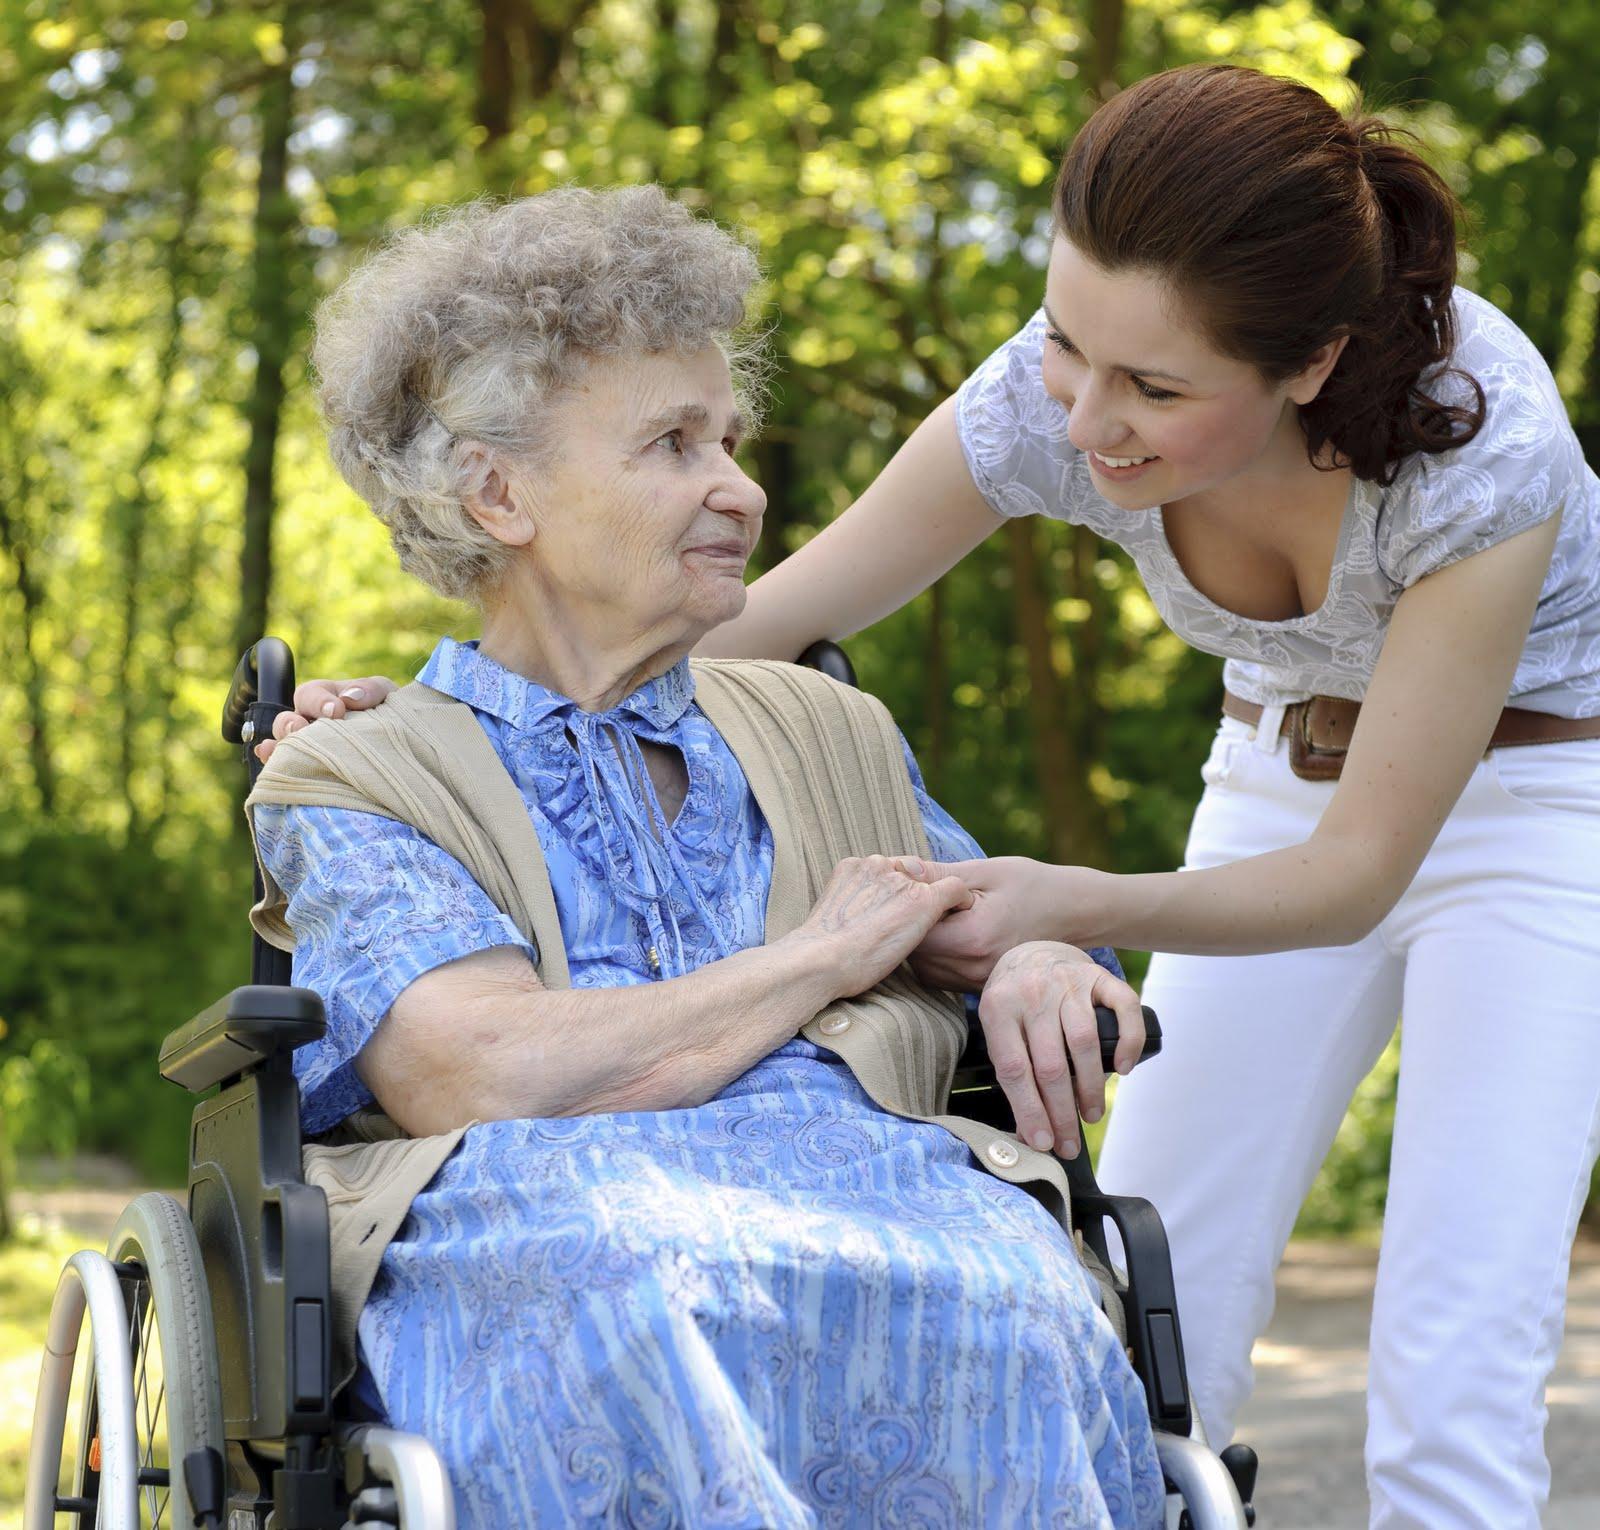 Pflegesachleistungen und Pflegegeld Nufringen